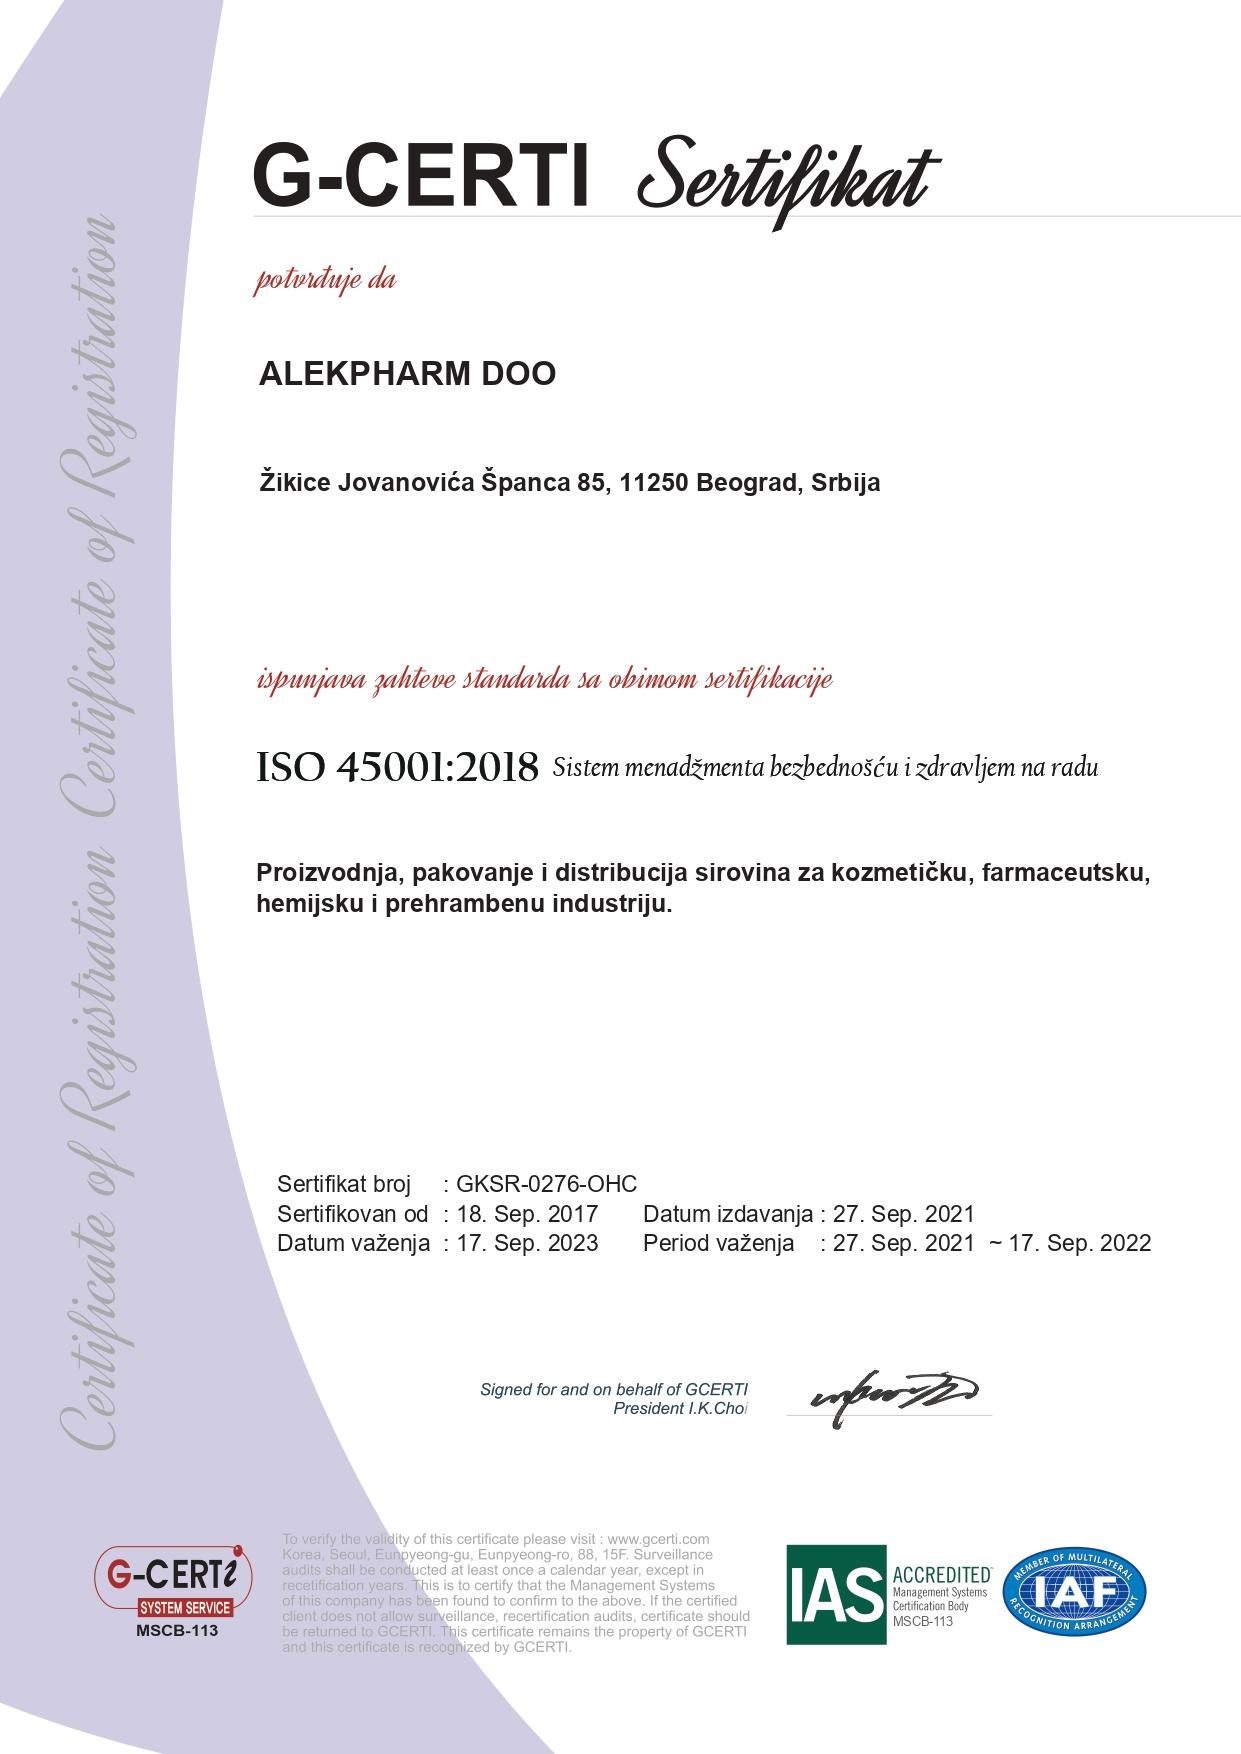 ISO9001-2015.jpg?v=1.1